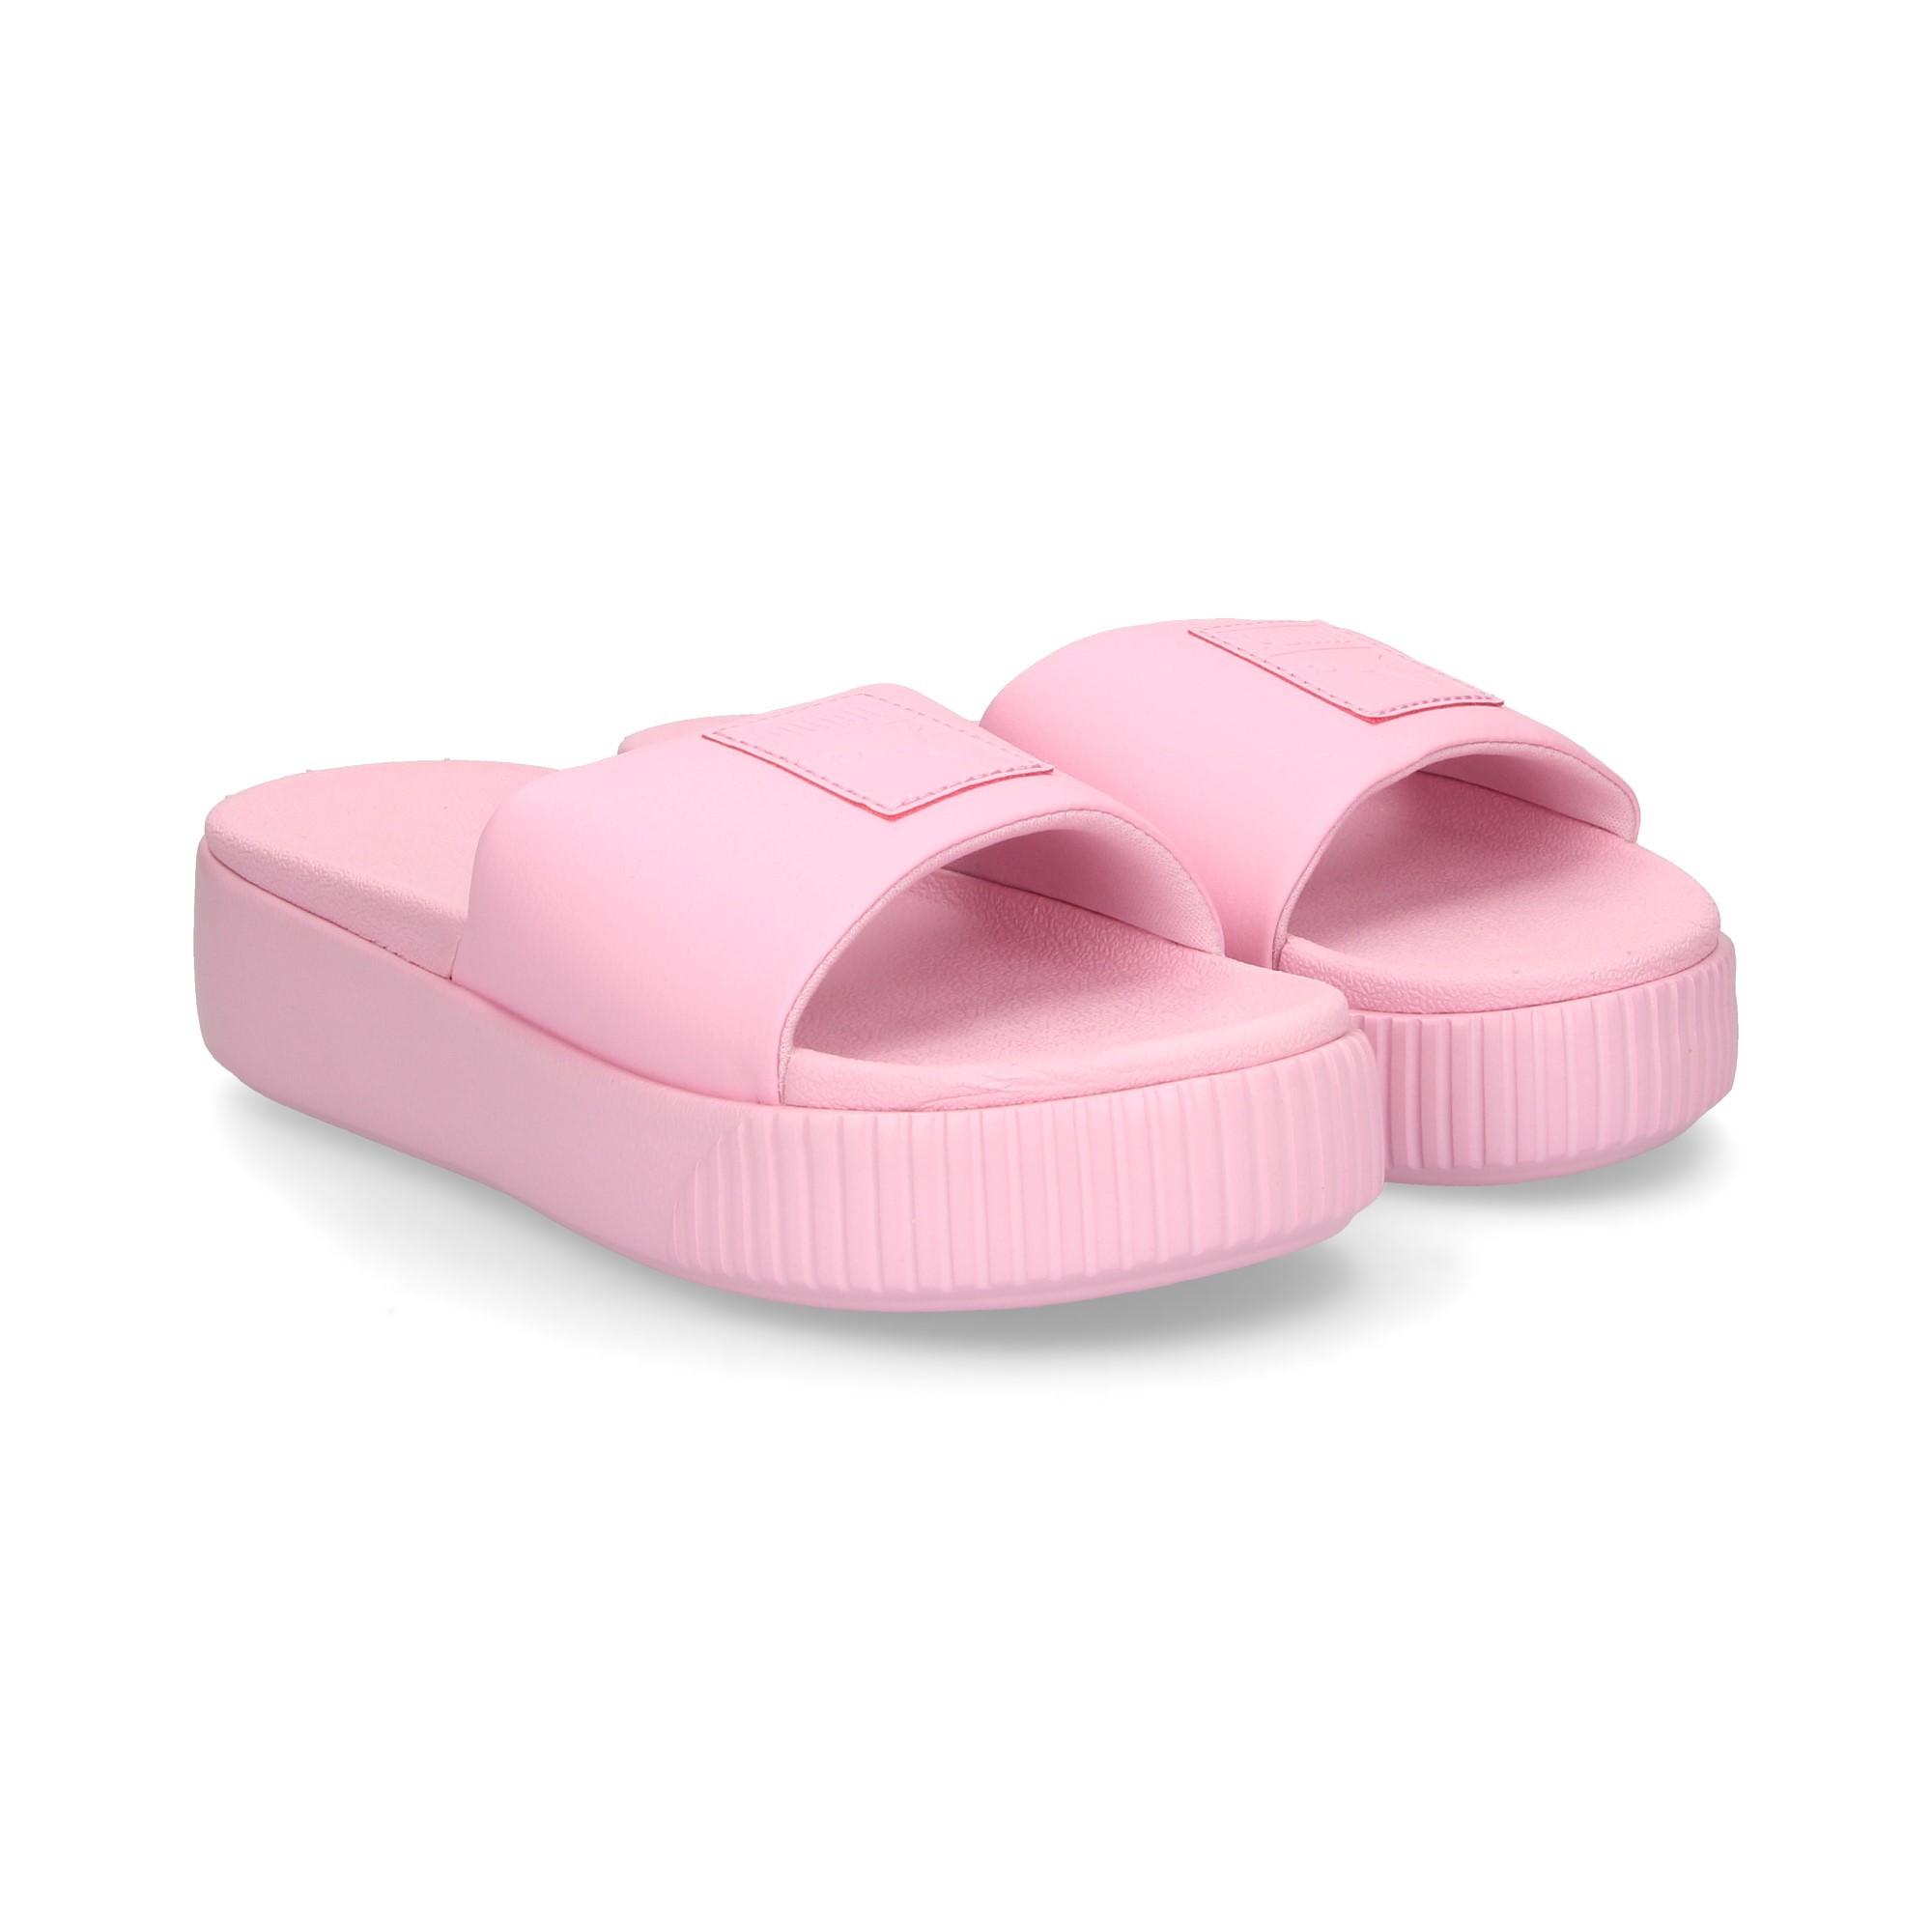 f5ab220fe30de4 PUMA Women s Flat sandals 366121 09 PINK